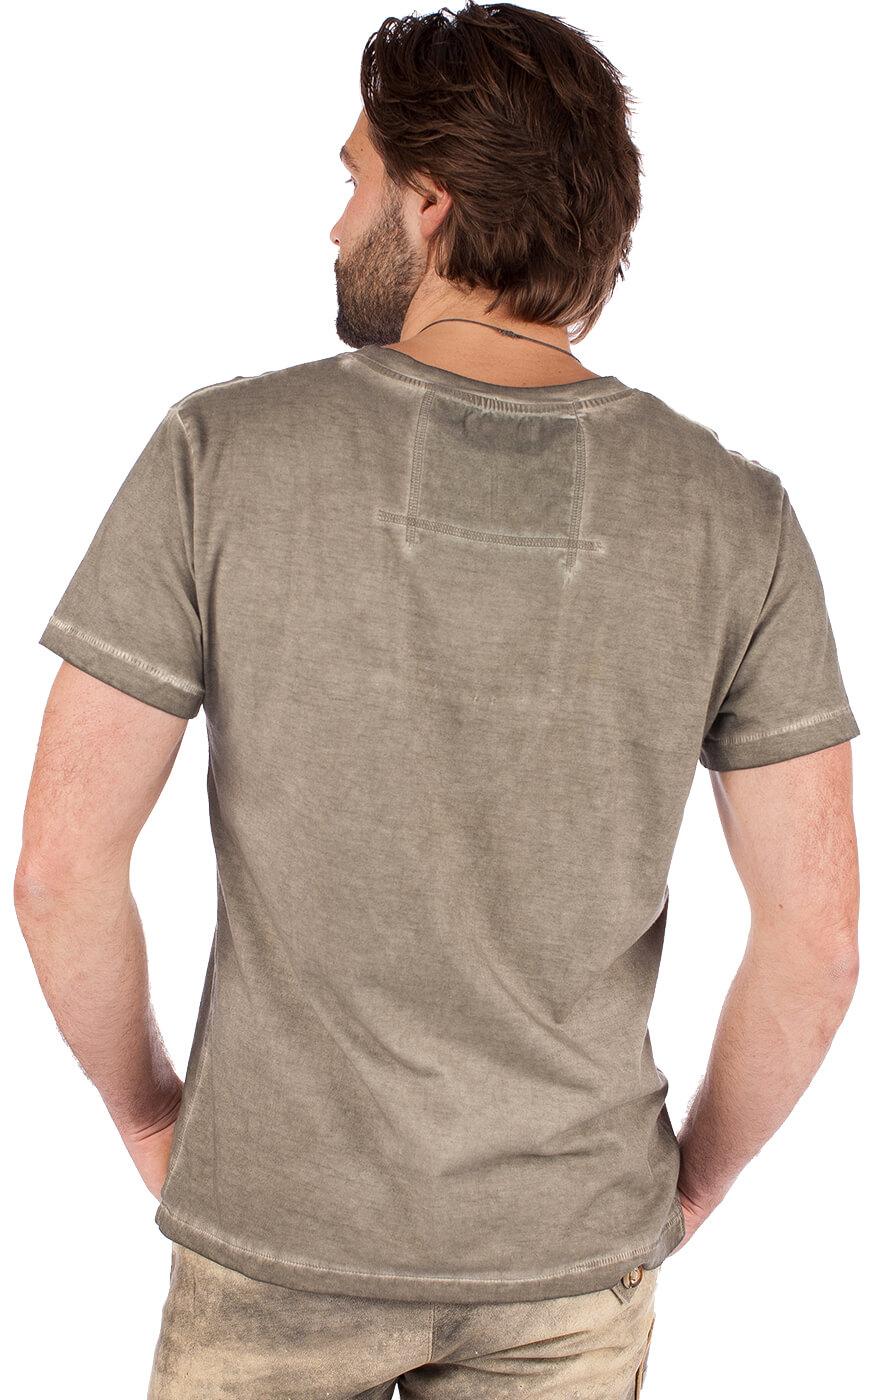 weitere Bilder von Trachten T-Shirt 92200-44taupe